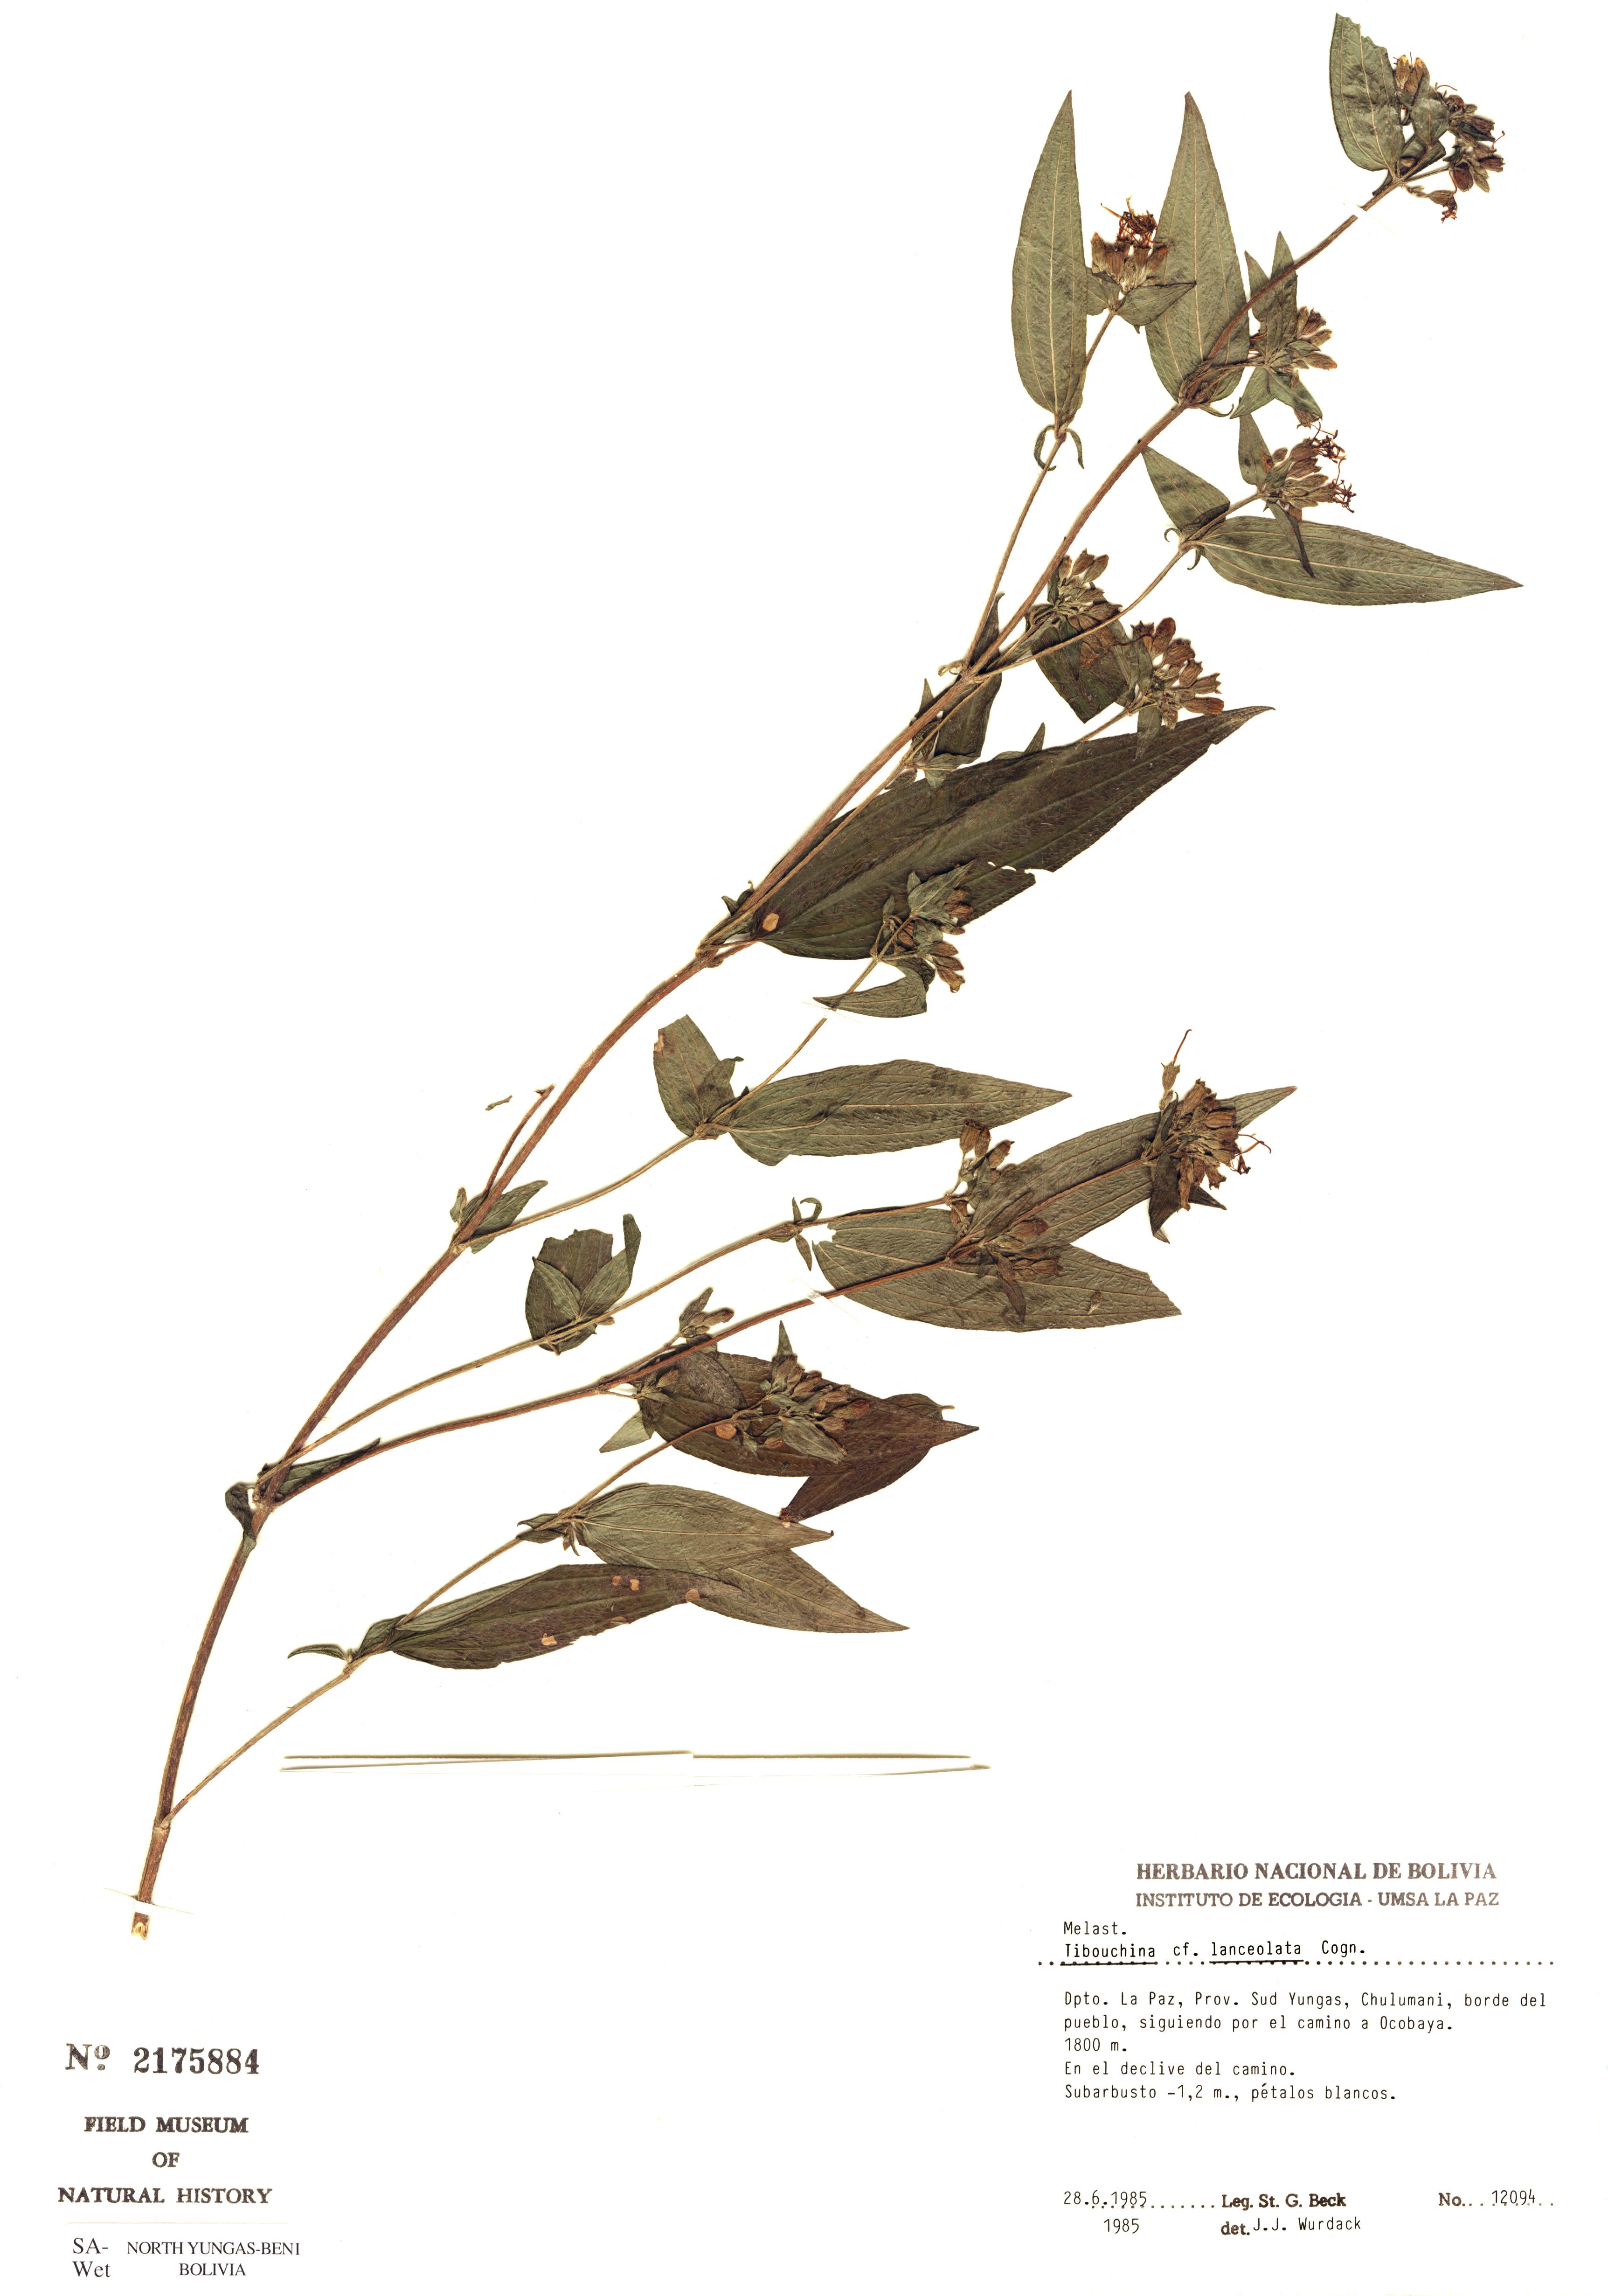 Specimen: Tibouchina lanceolata